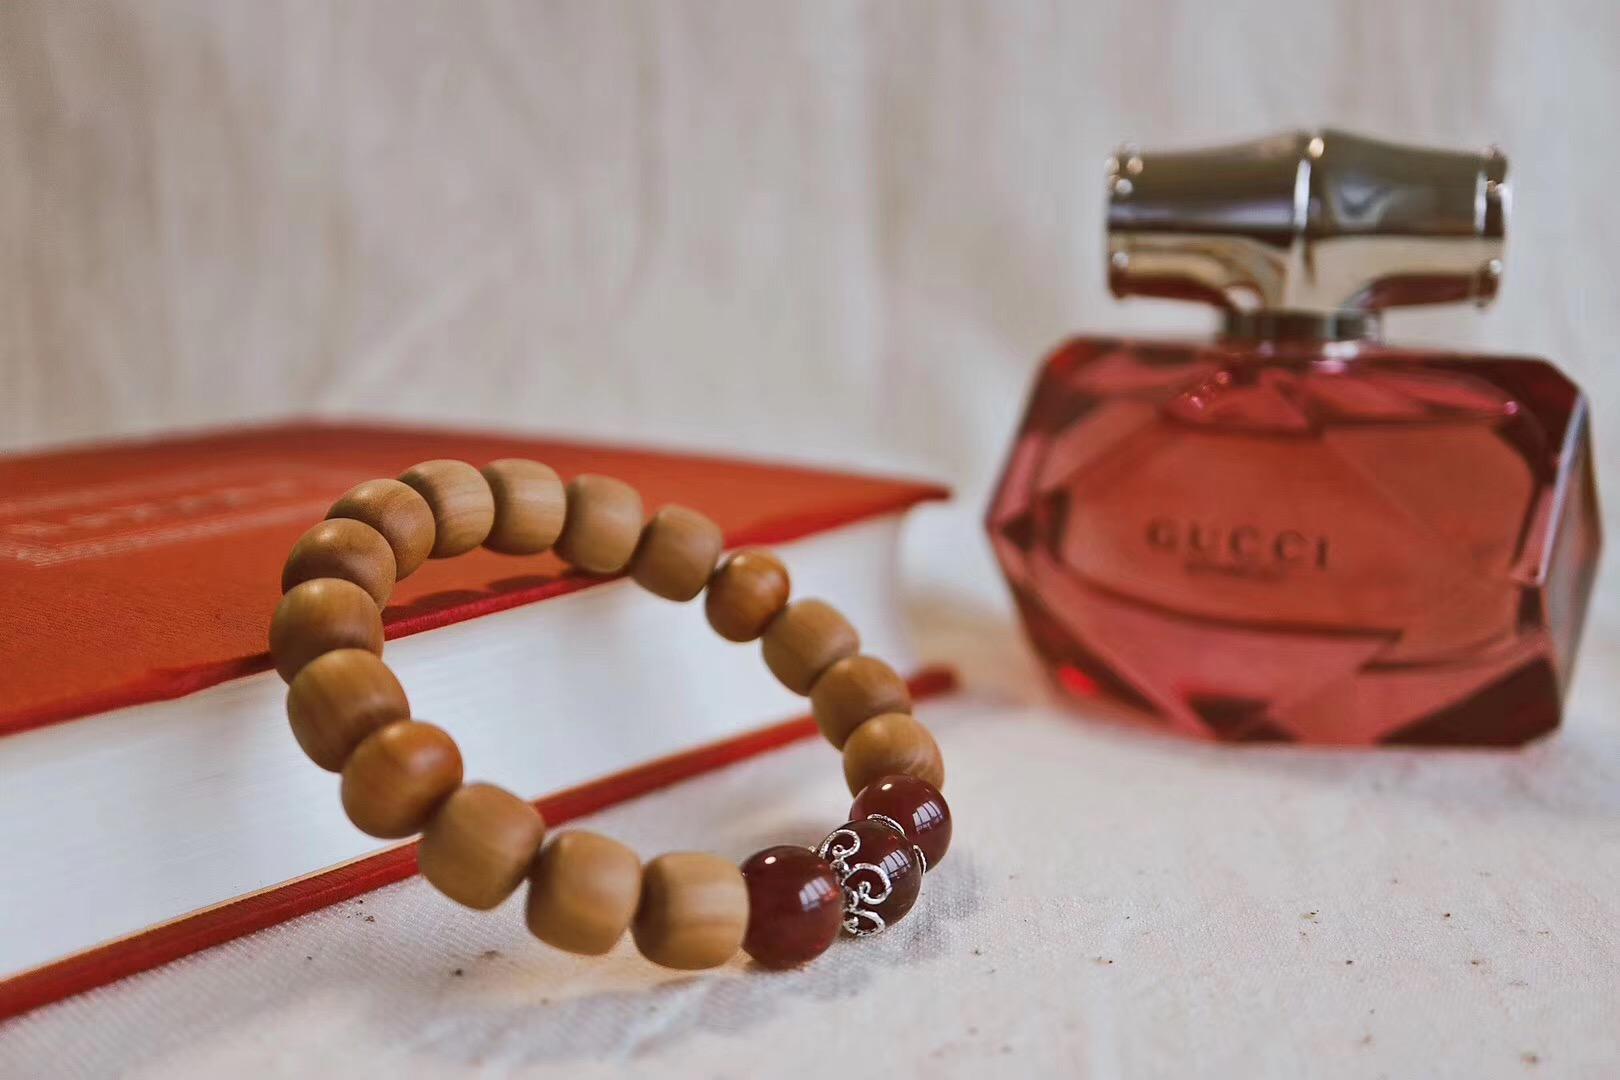 【老山檀&碧玺】书很香,香水很香,手串很香-菩心晶舍